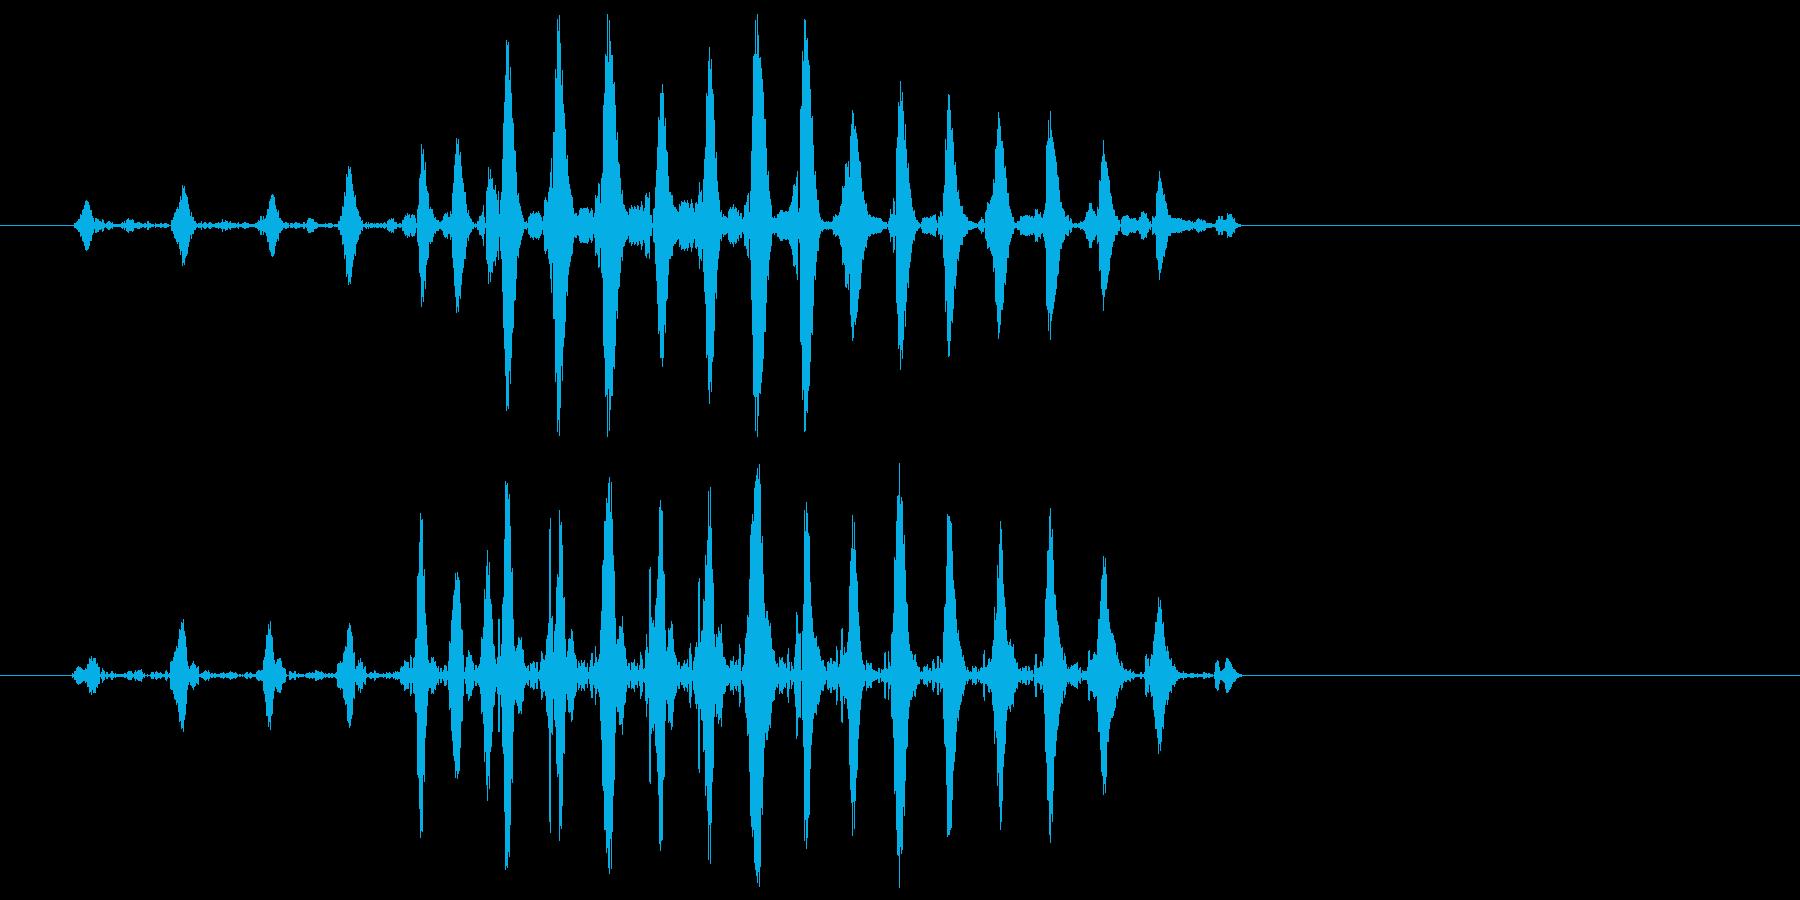 ガッ(アヒルや鴨などが鳴いたような音)の再生済みの波形